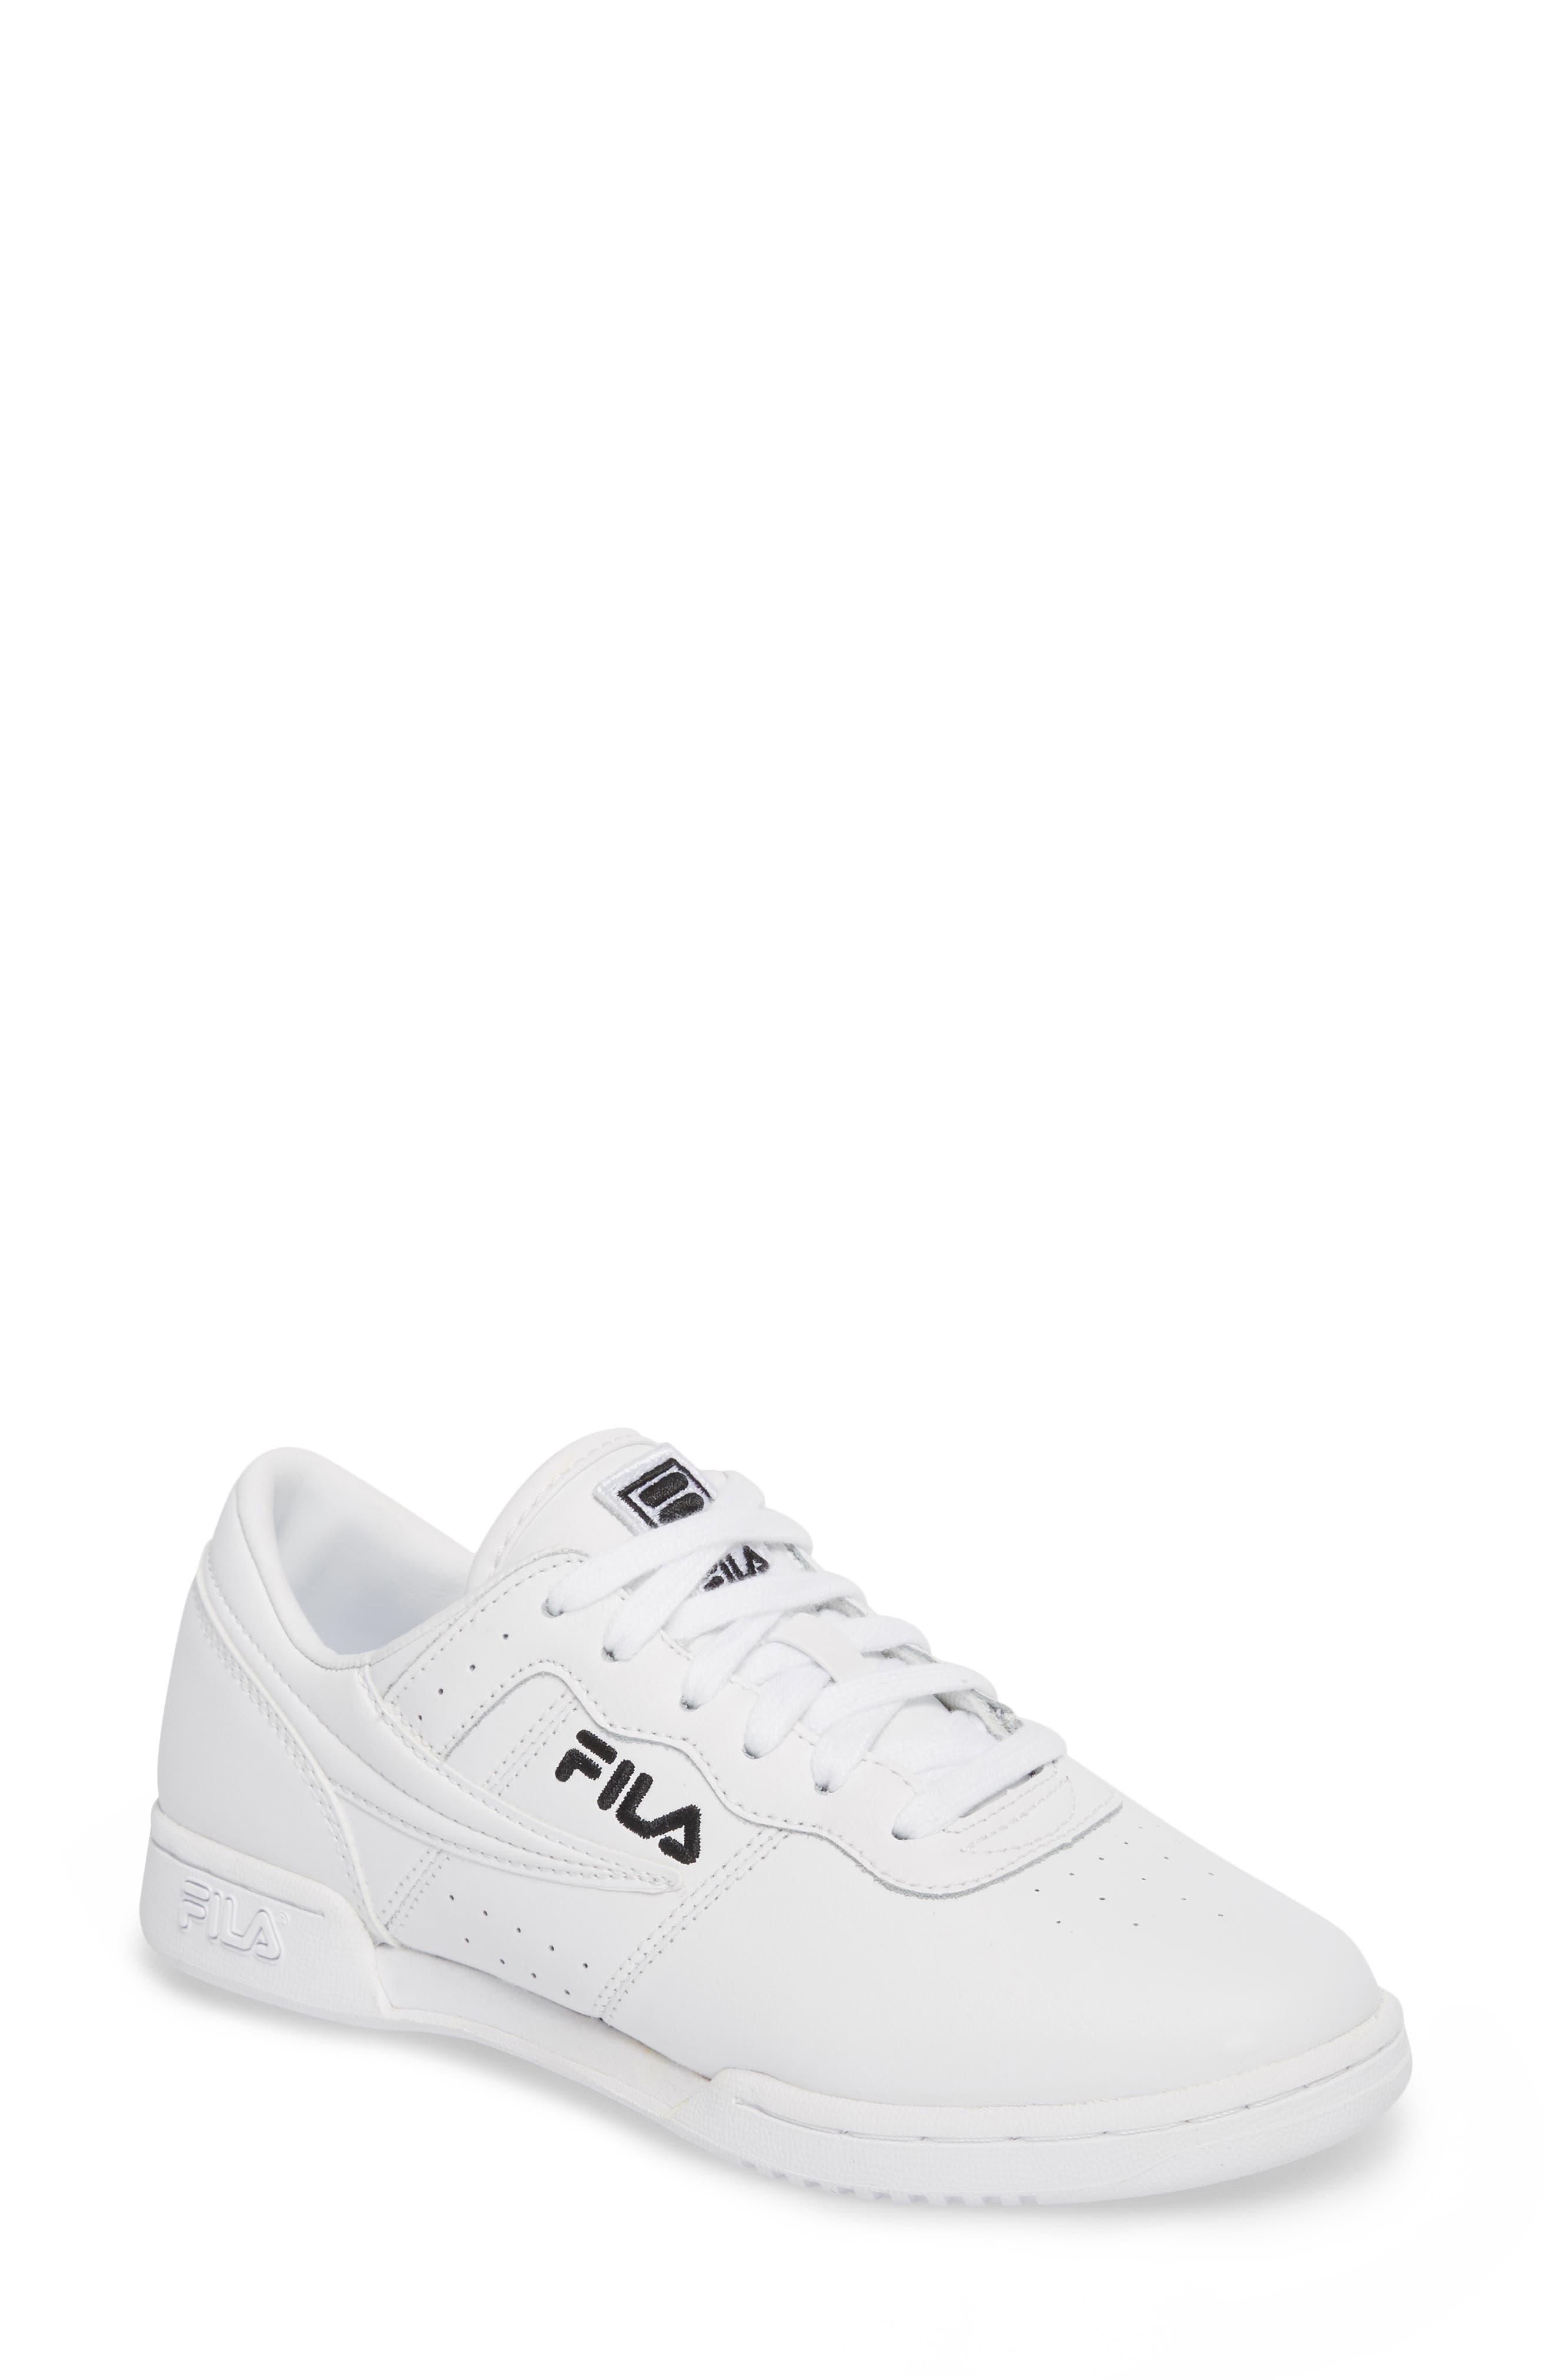 Original Fitness Sneaker,                         Main,                         color,